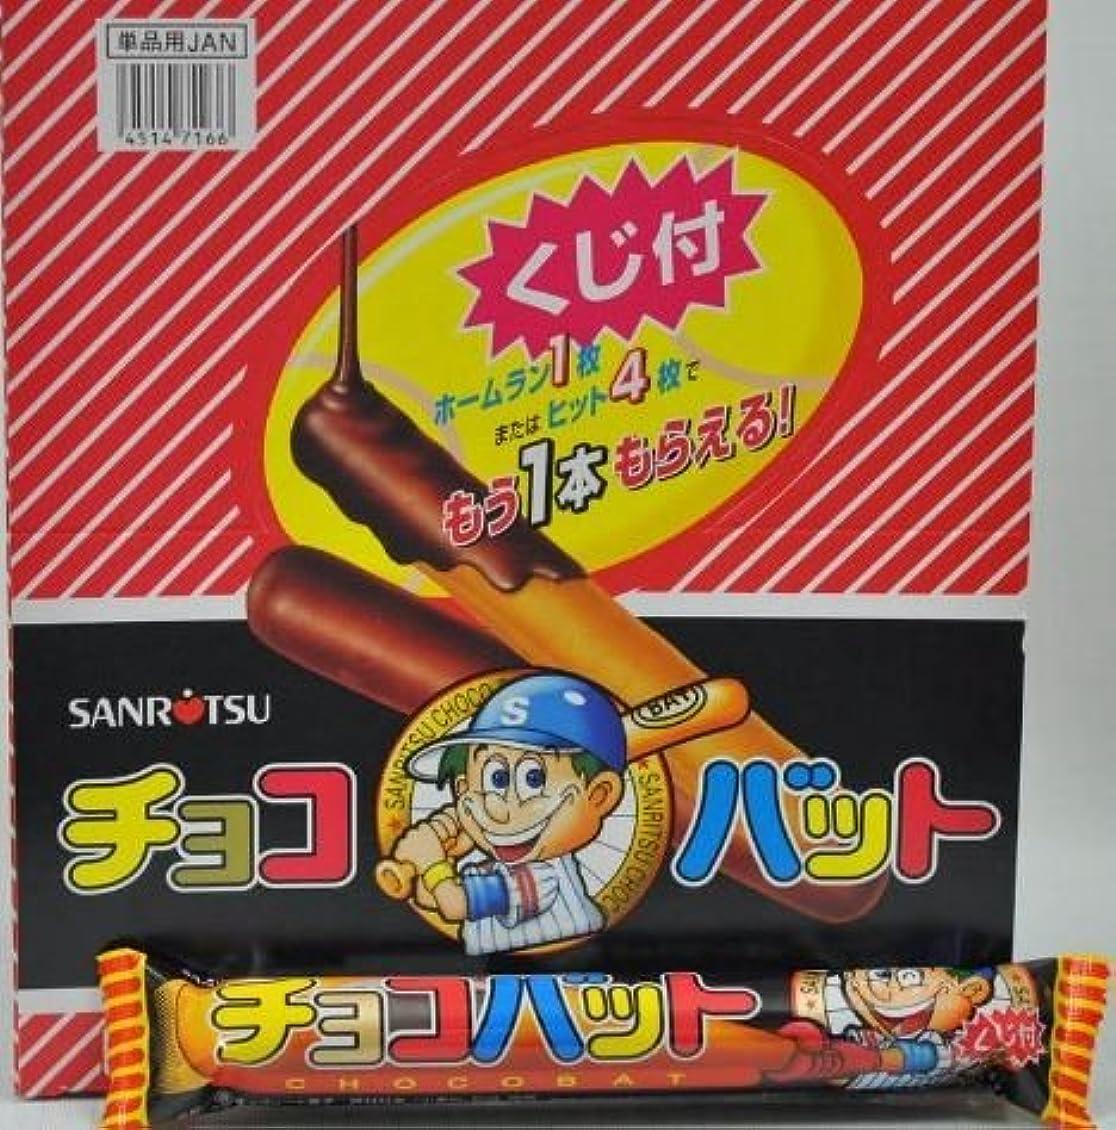 優れました最も共産主義者サンリツ チョコバット (60付+あたり分2本) +菓道の珍味1枚付き